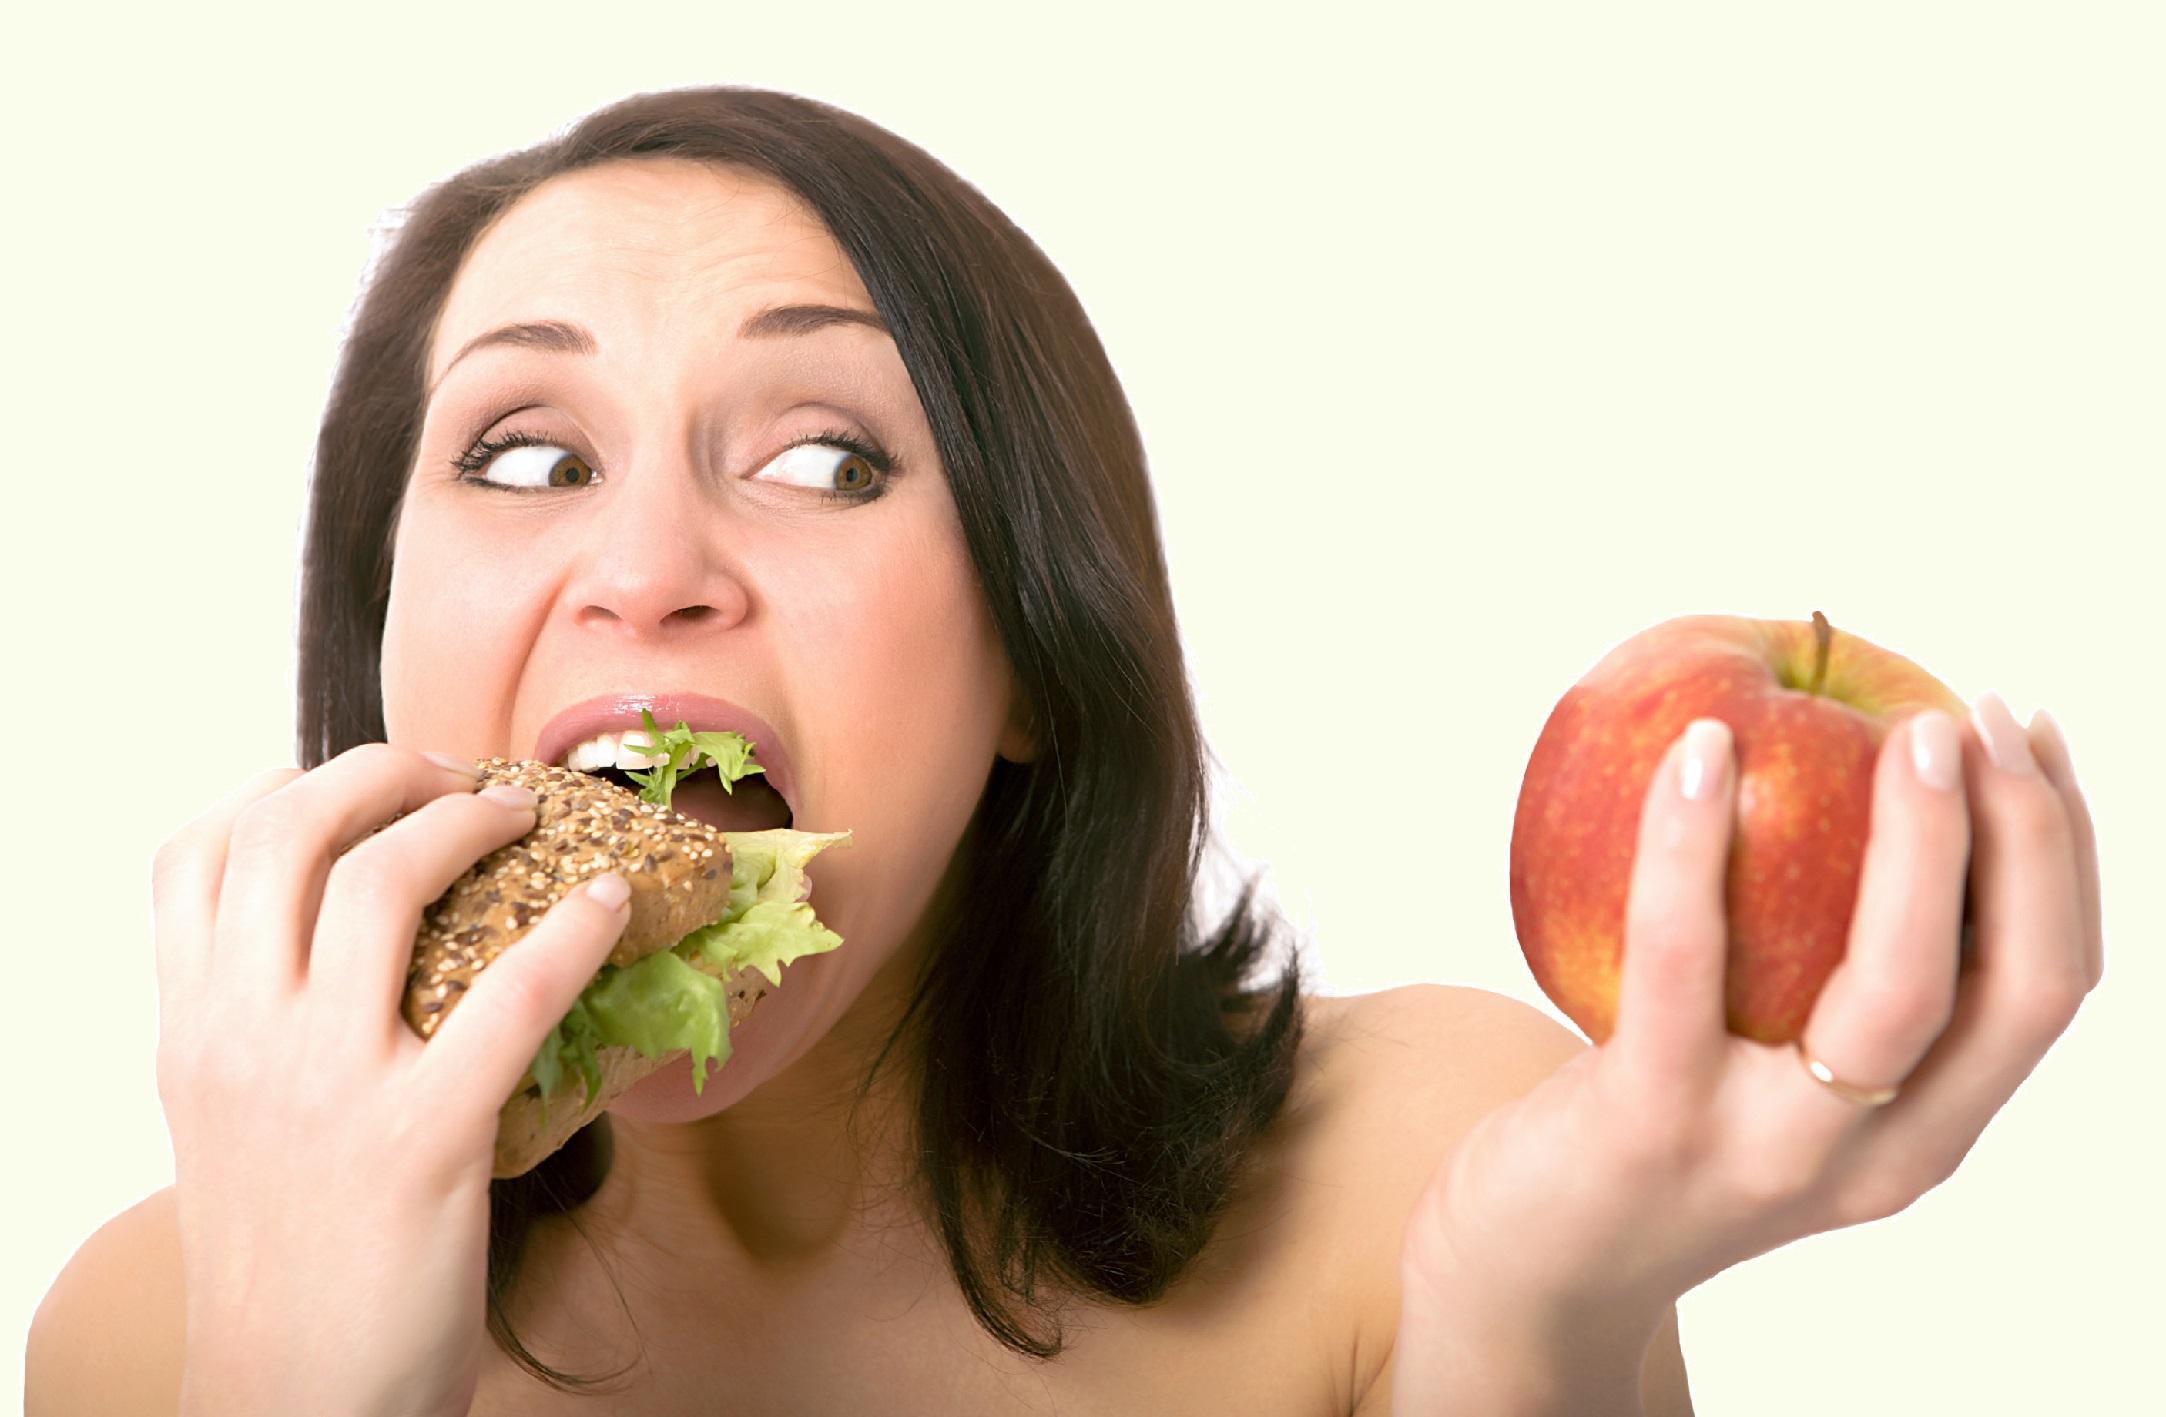 Срыв Диеты Картинки. Прикольные картинки про диету (70 фото)